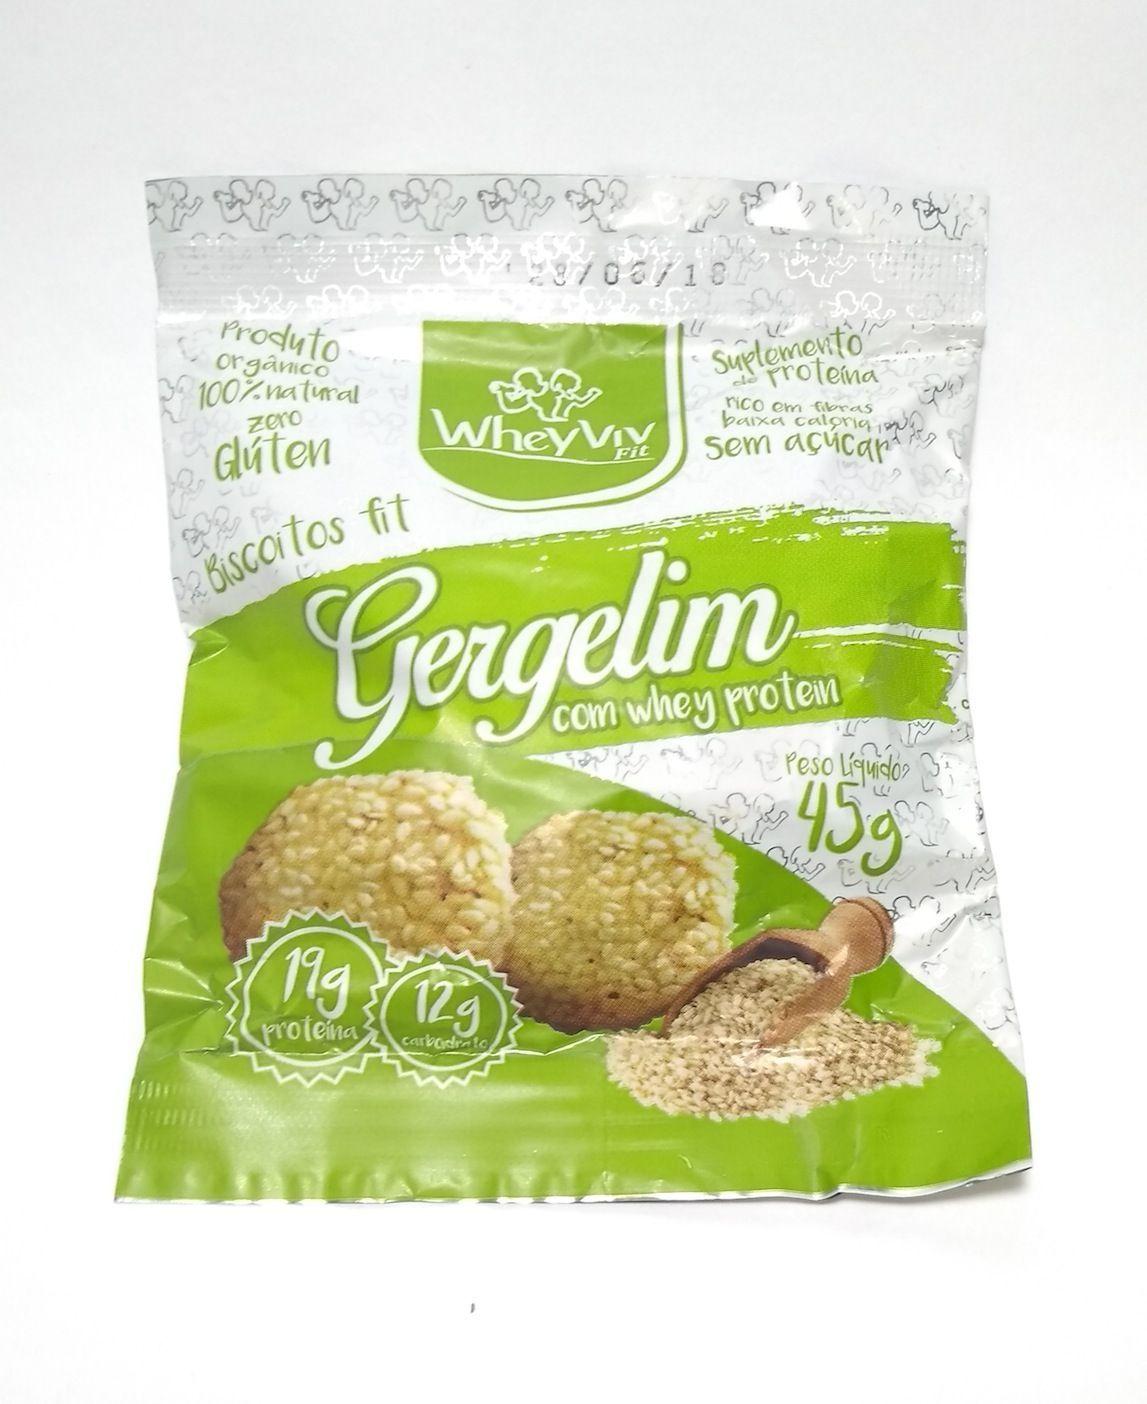 Biscoitos fit - Wheyviv